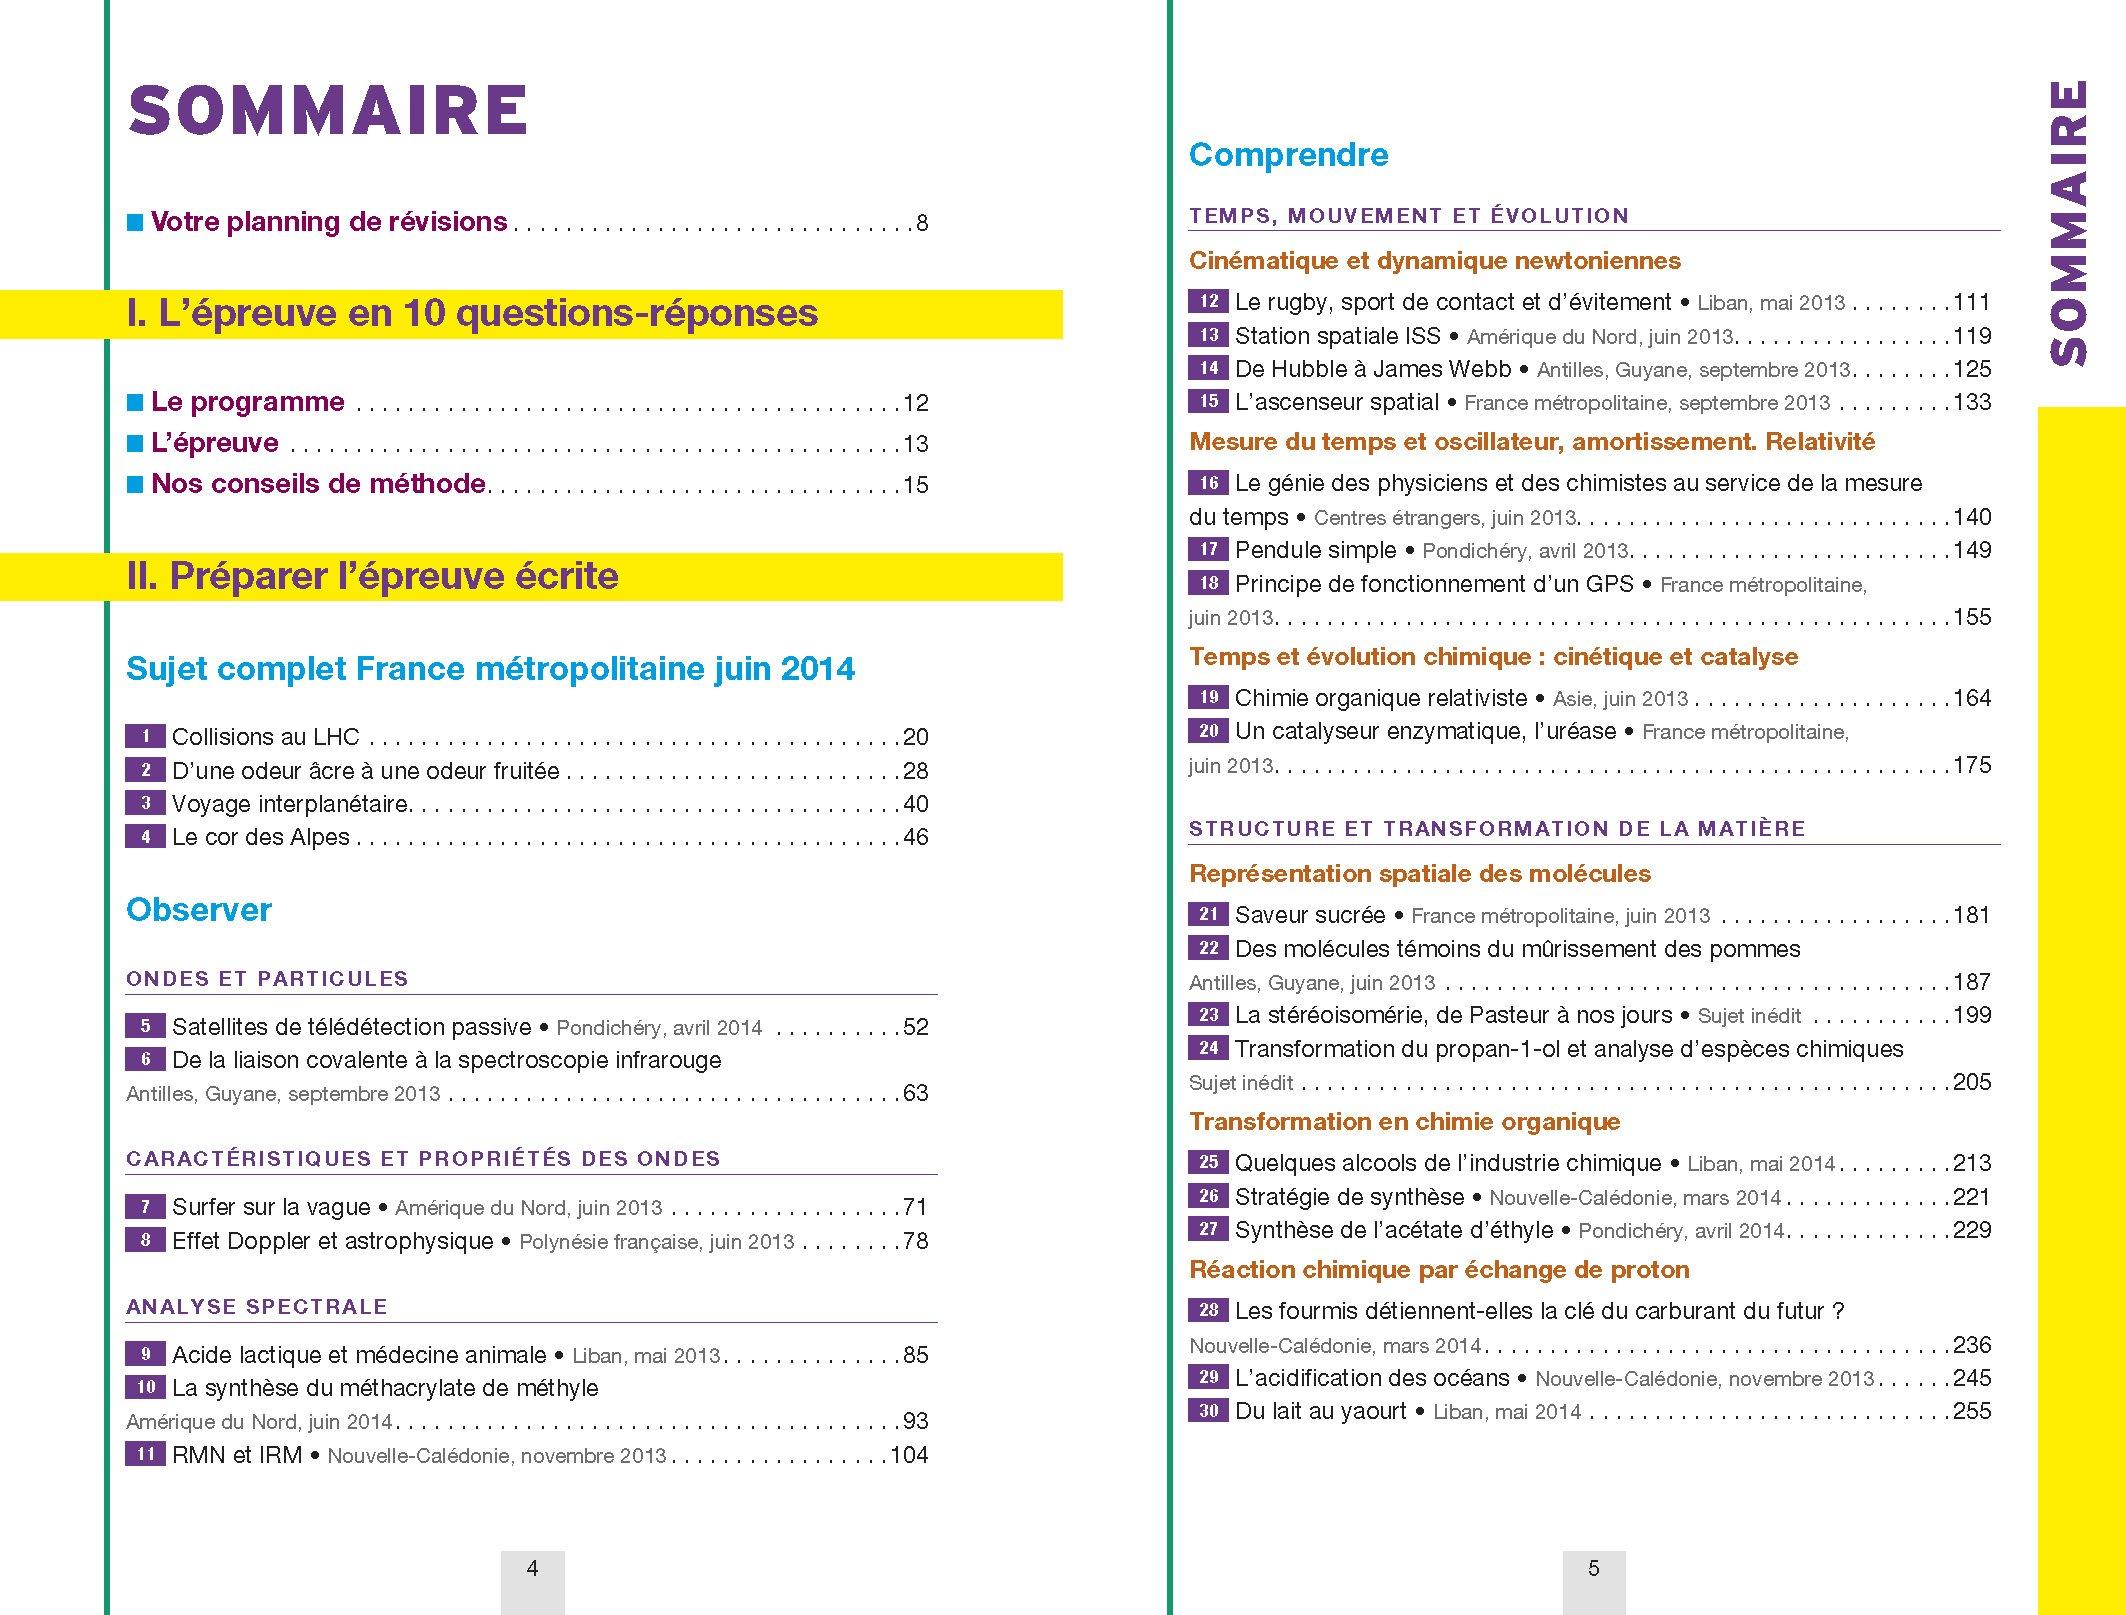 Annales Annabac 2015 Physique-Chimie Tle S Spécifique & spécialité: sujets et corrigés du bac - Terminale S: Amazon.es: Jérôme Fréret, Caroline Adam: Libros ...